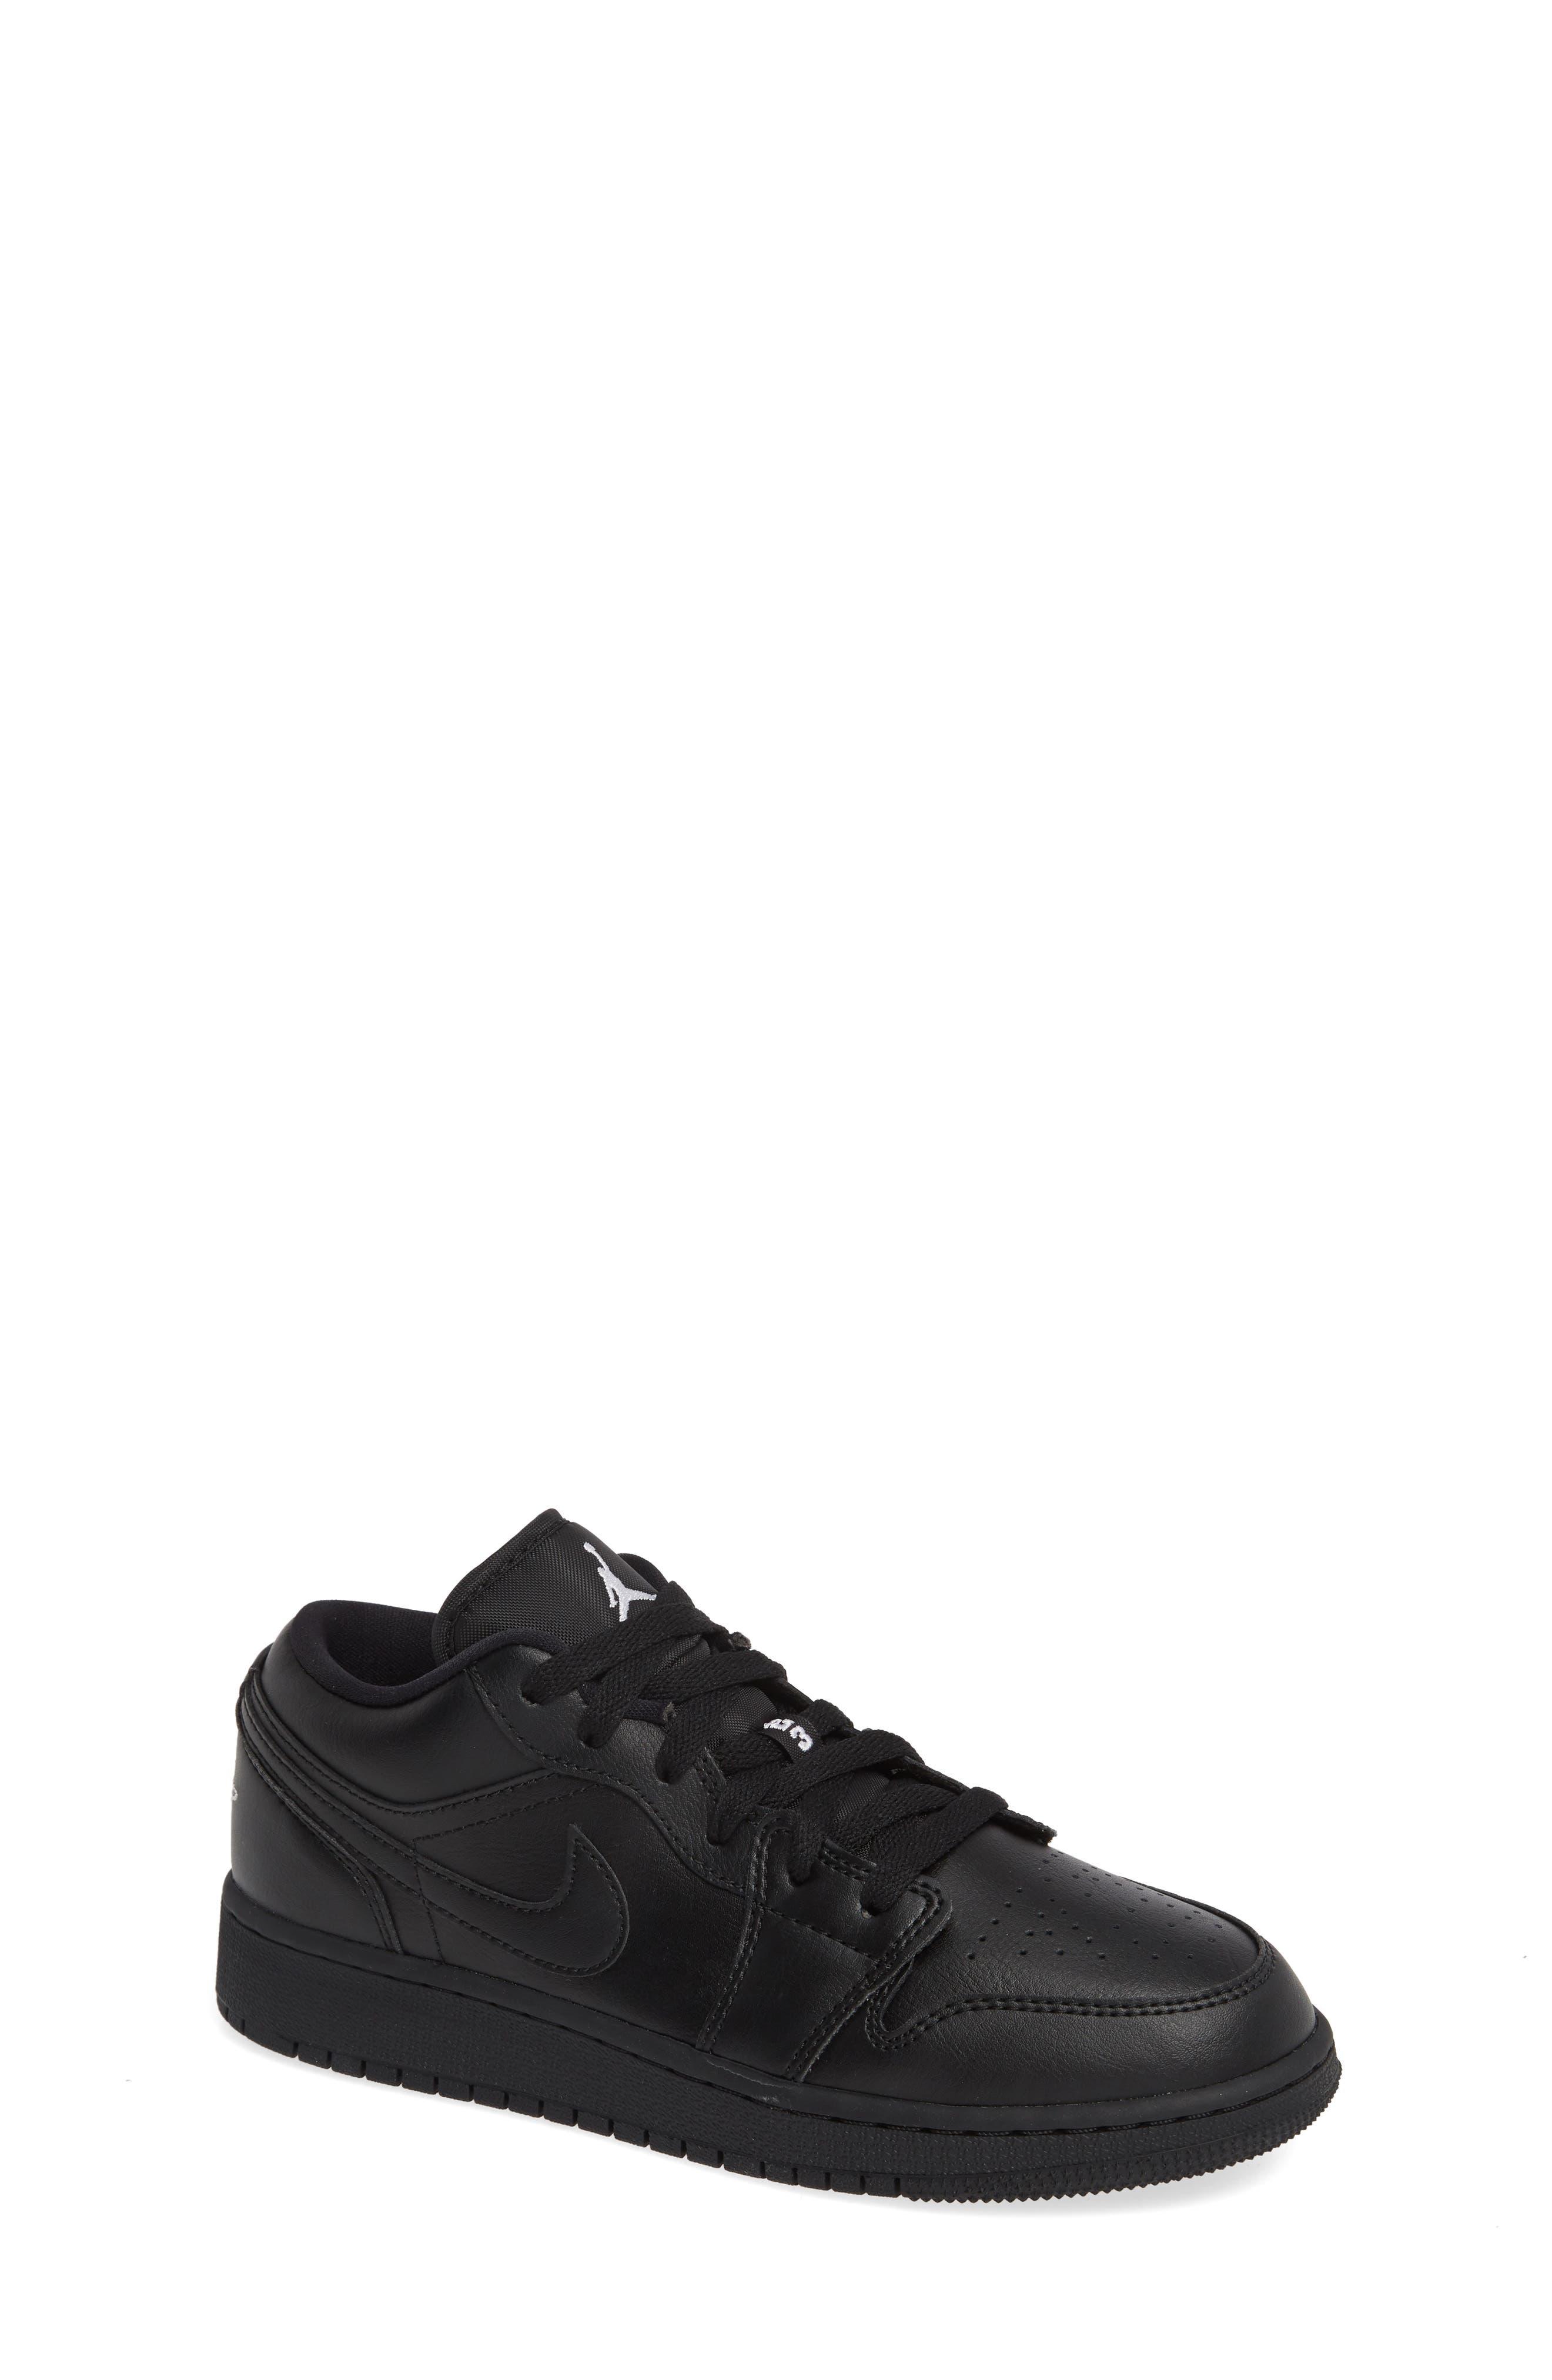 JORDAN, Nike 'Air Jordan 1 Low' Sneaker, Main thumbnail 1, color, BLACK/ WHITE/ BLACK